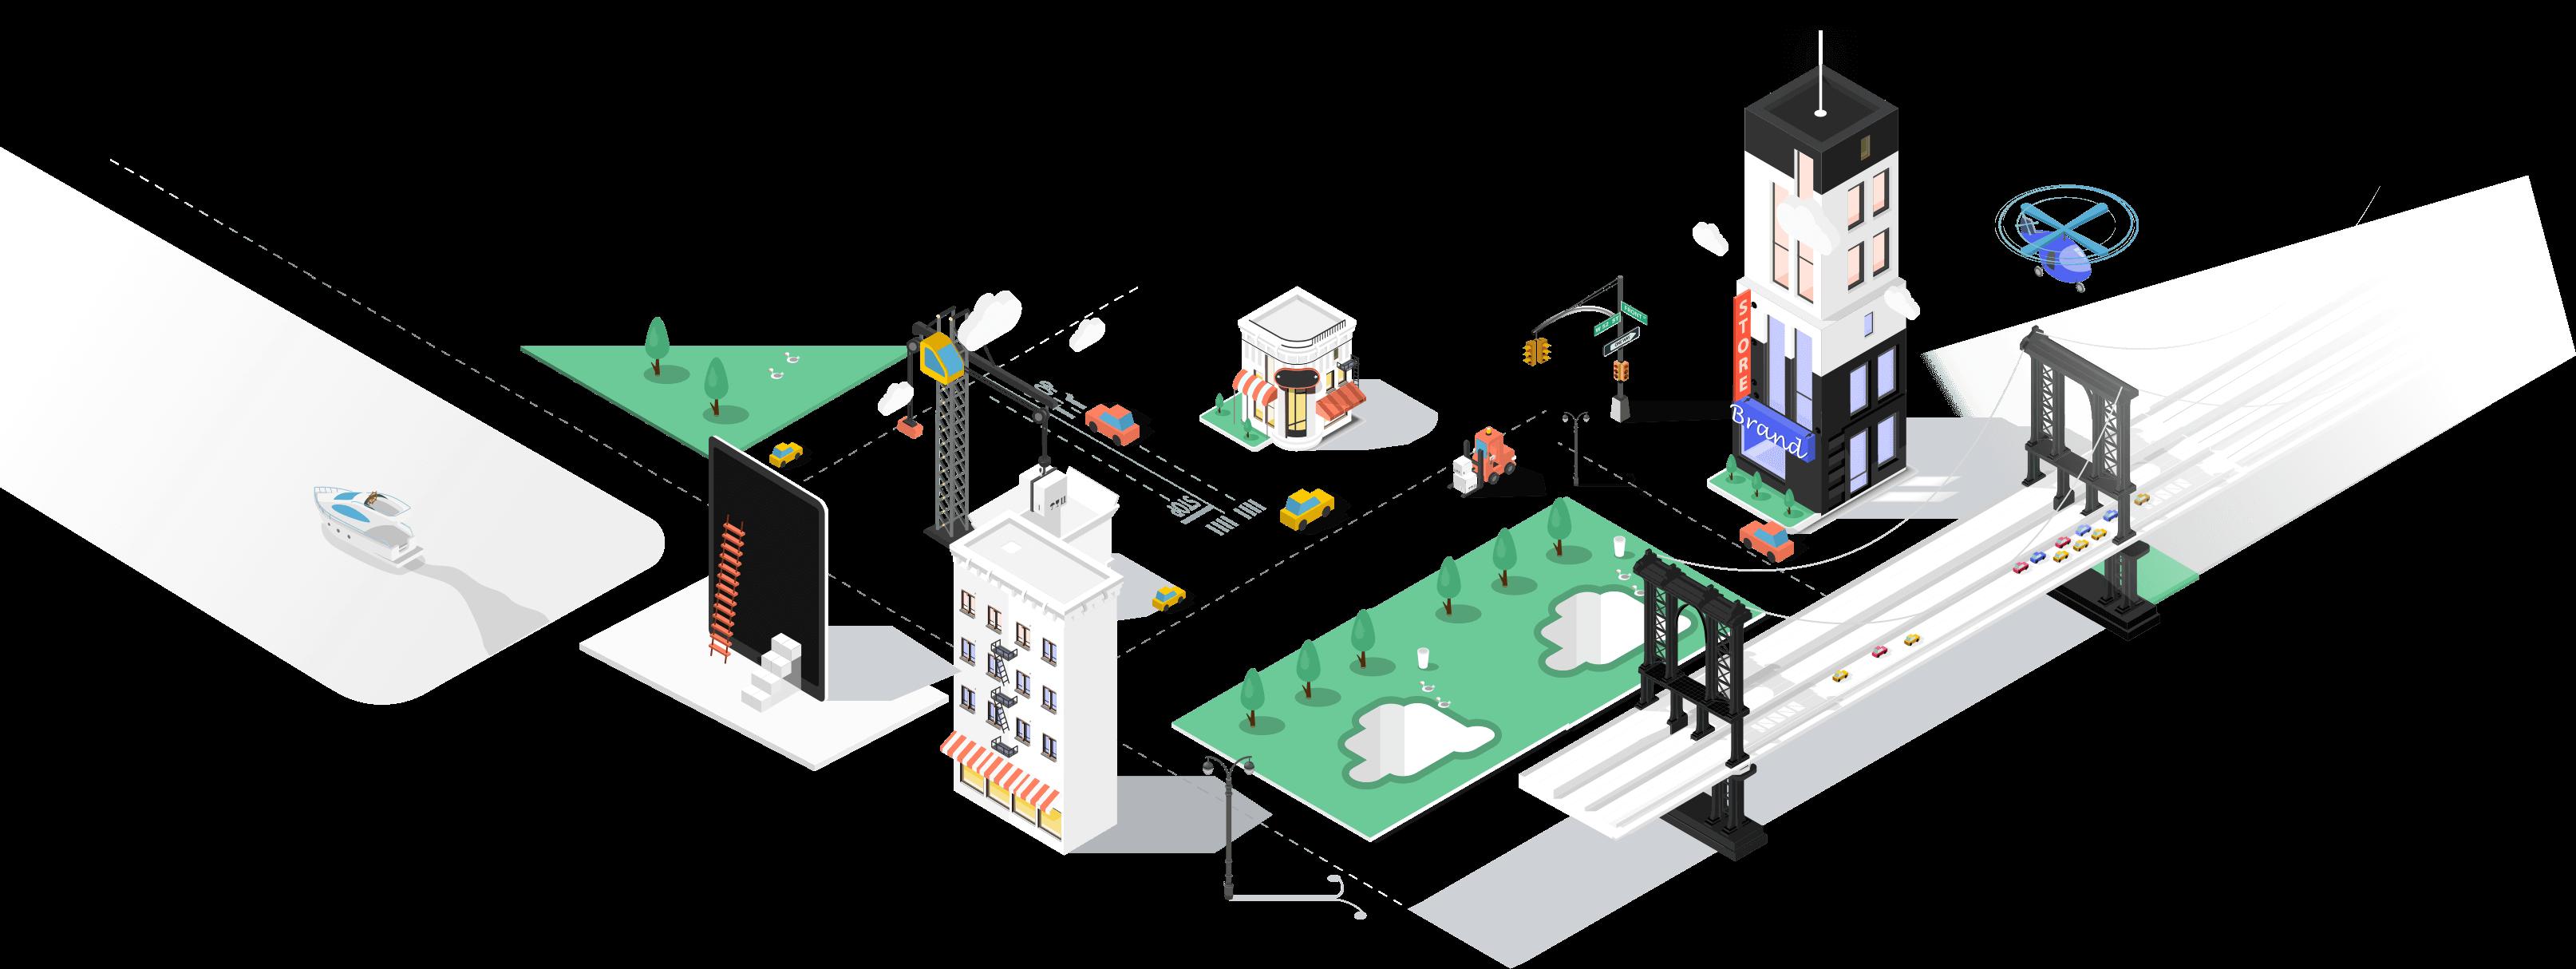 become seller shop illustration